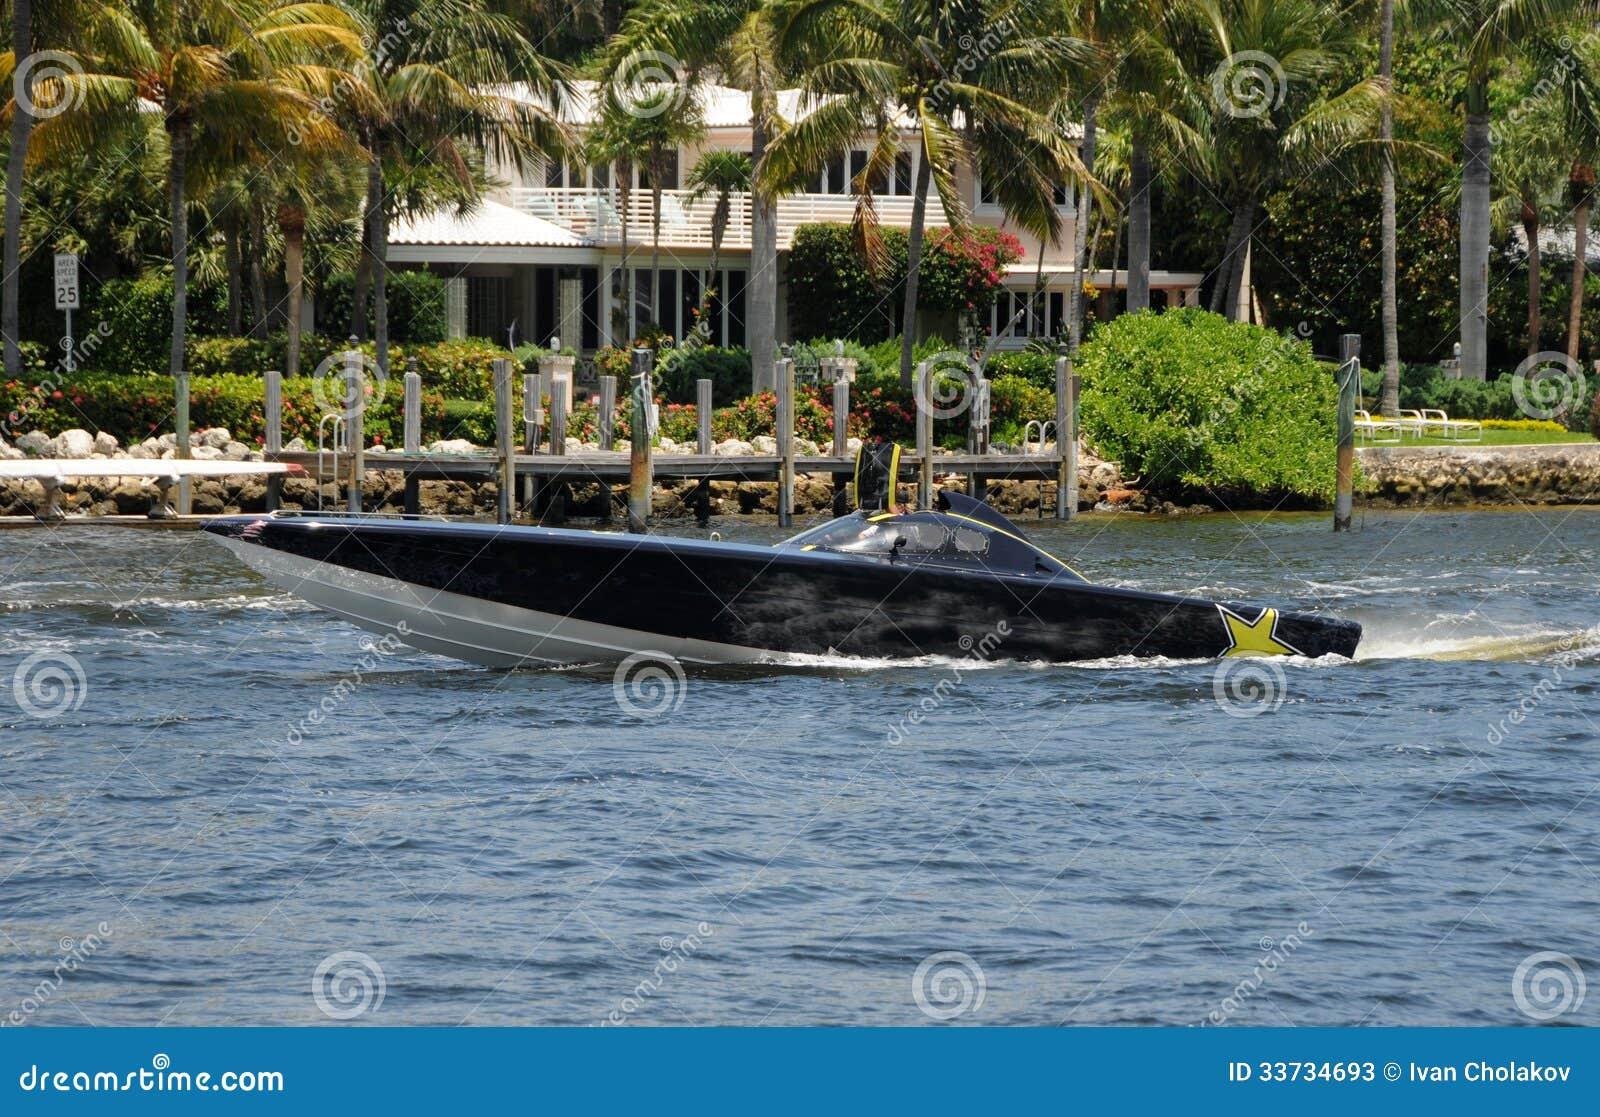 Быстроходный катер в тропиках